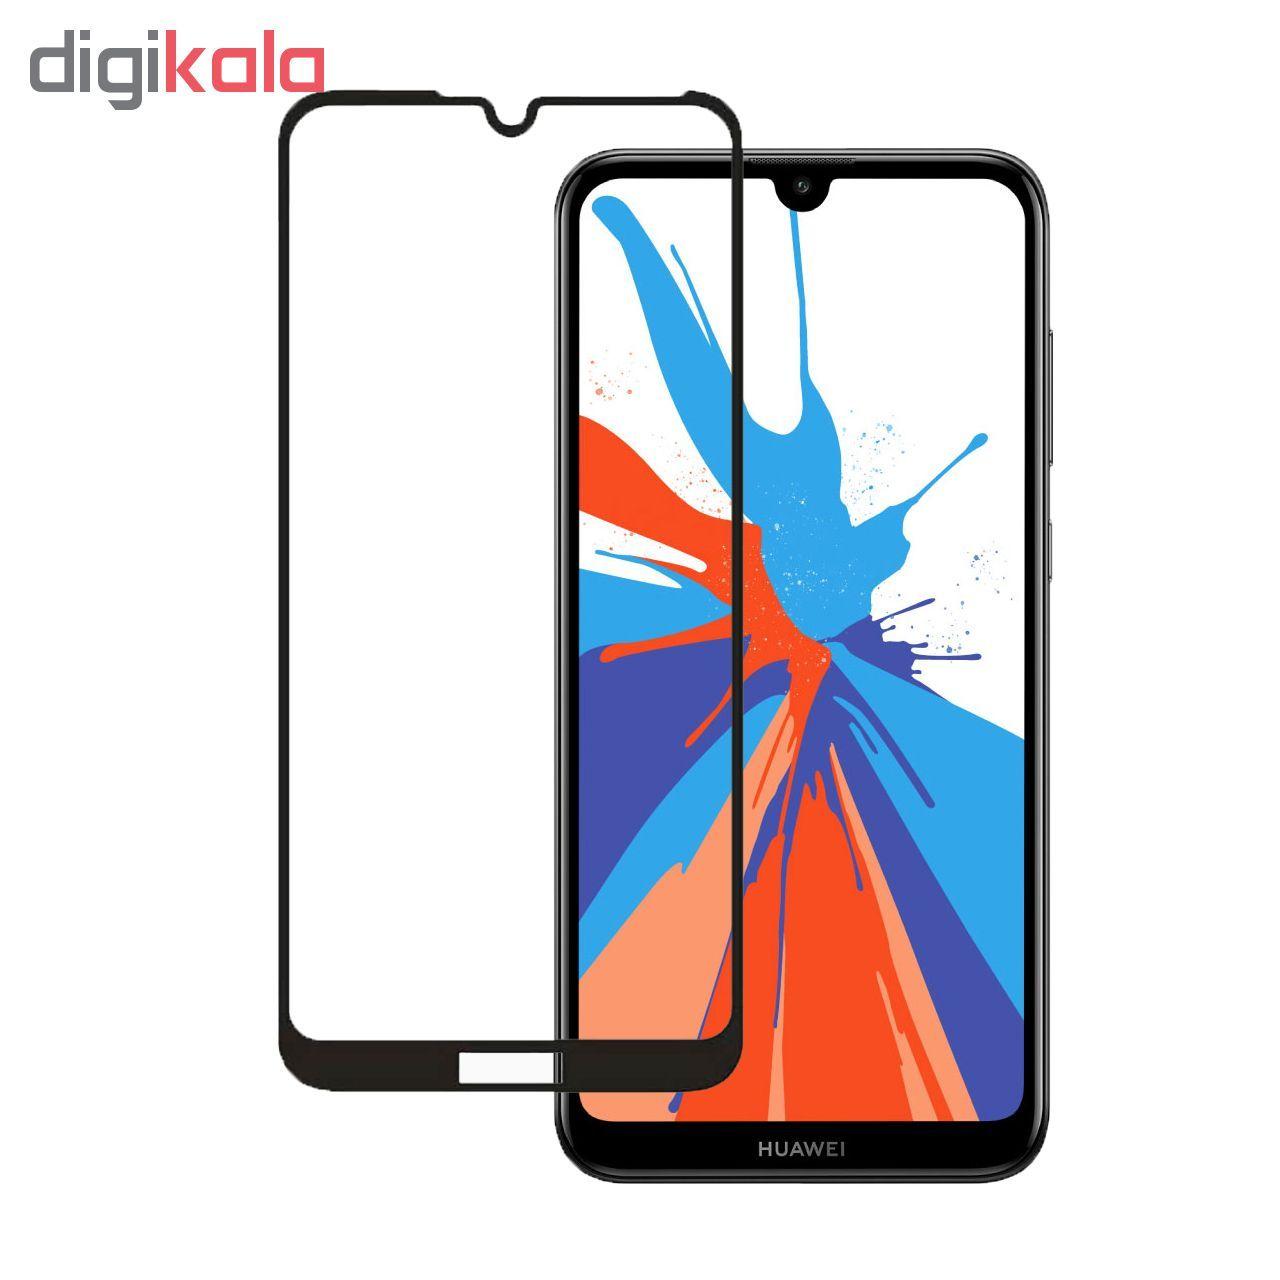 محافظ صفحه نمایش نیکسو مدل FG مناسب برای گوشی موبایل هوآوی Y7 Prime 2019 بسته سه عددی main 1 1